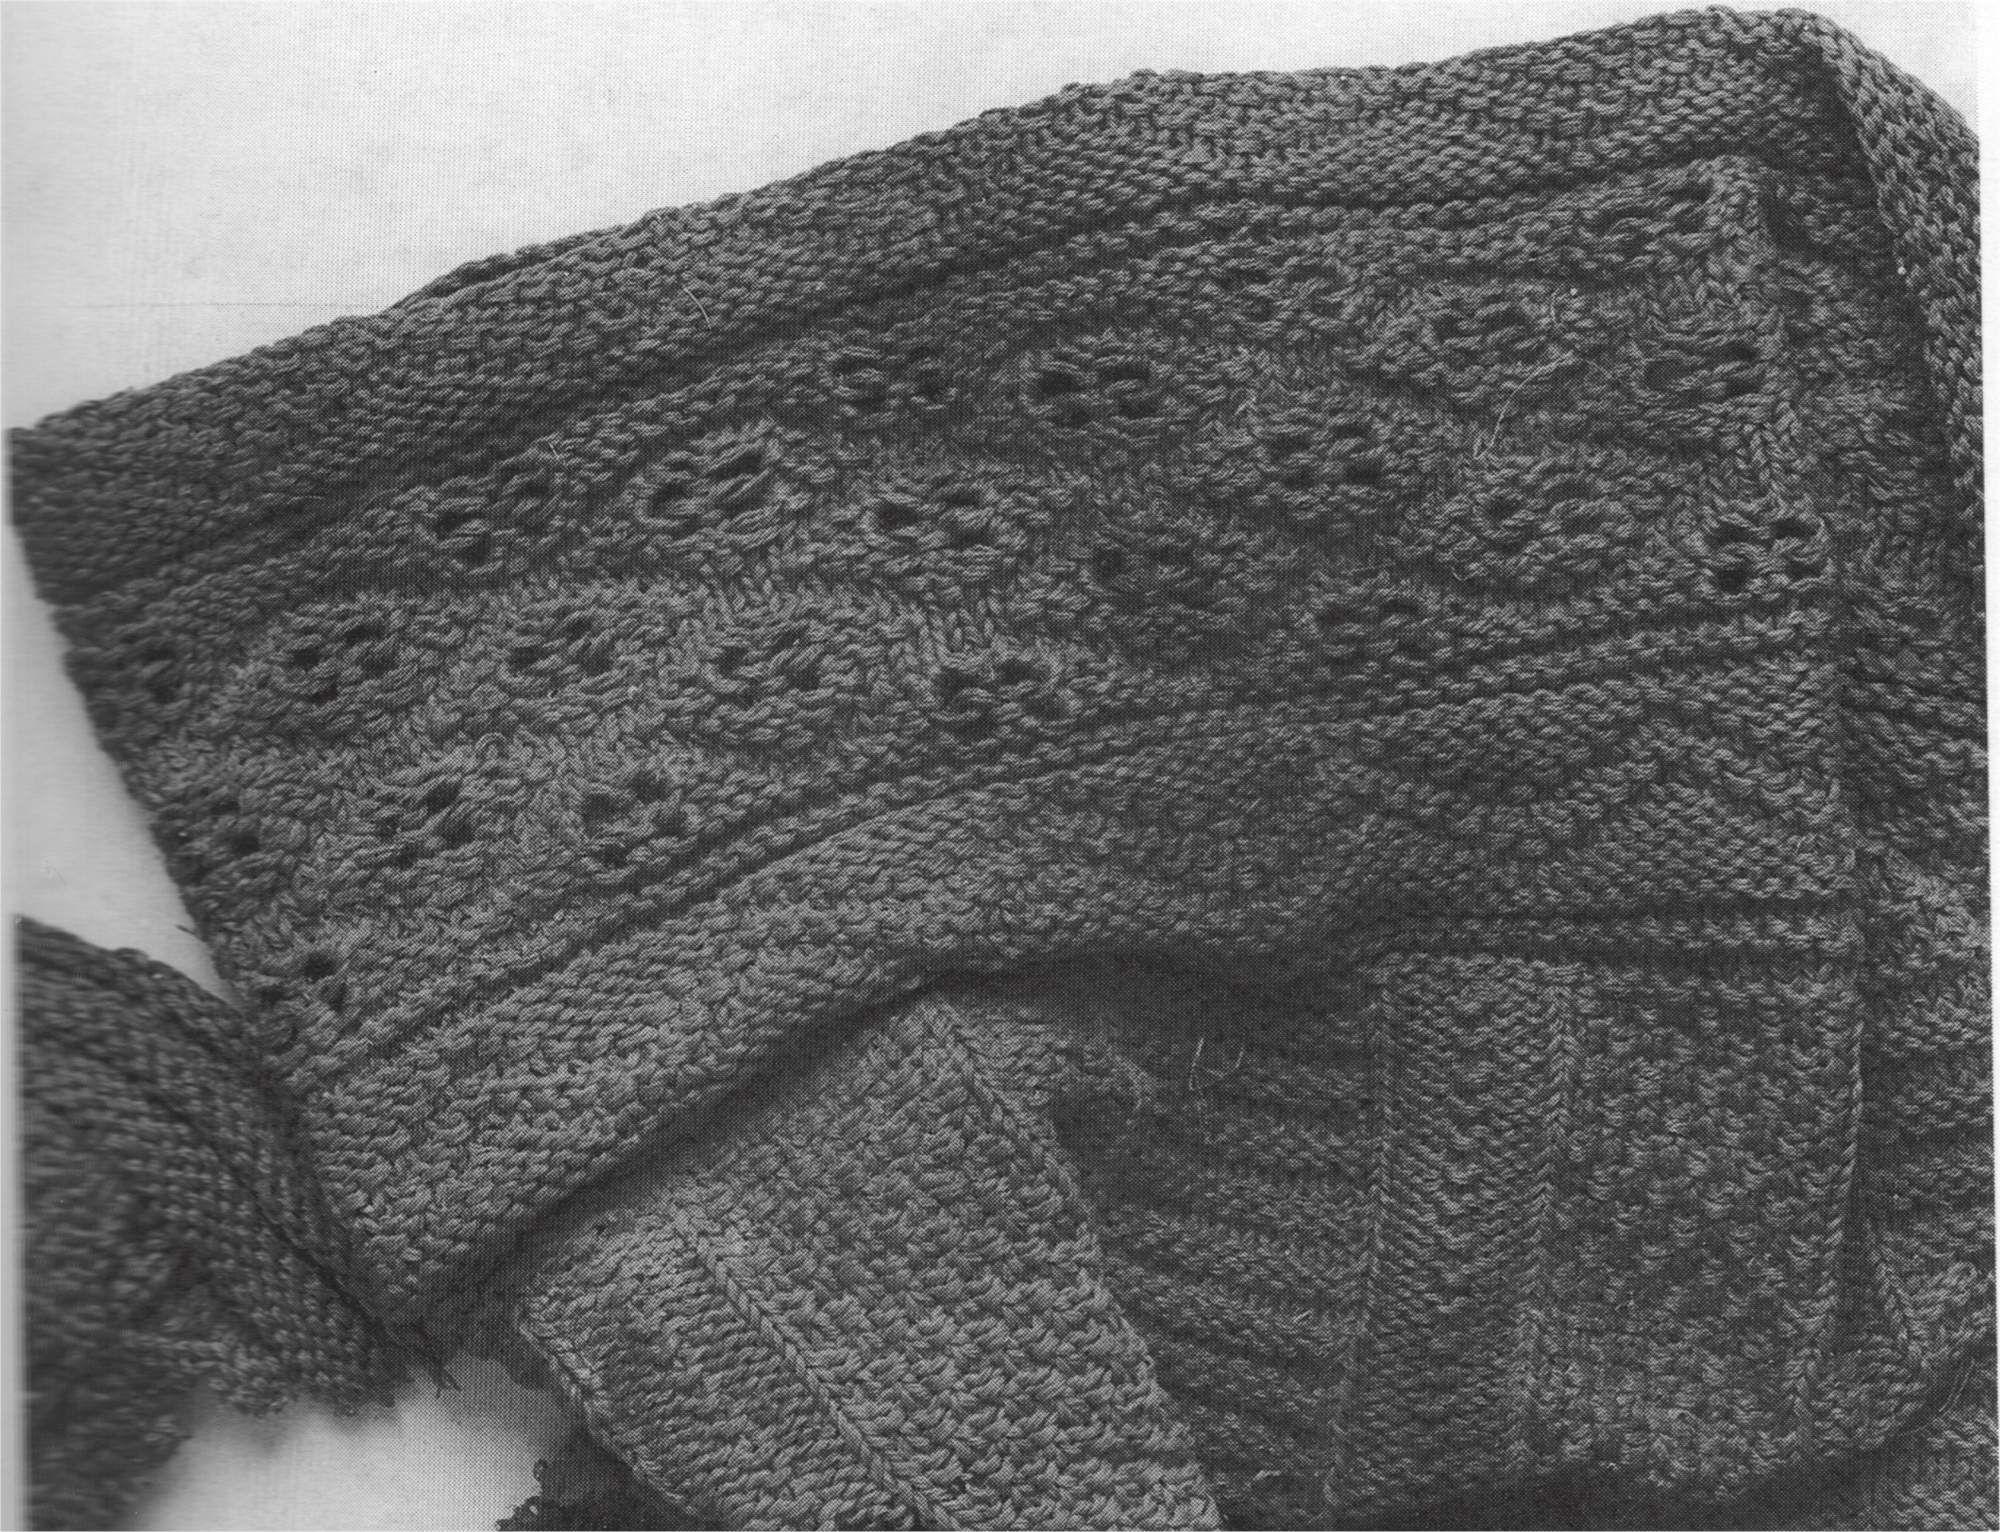 """""""Detail of the knitting across the top and down the legs of the stockings.""""    Moda alla corte dei Medici: gli abiti restaurati di Cosimo, Eleonora e don Garzia, Firenze, Centro Di, 1993."""